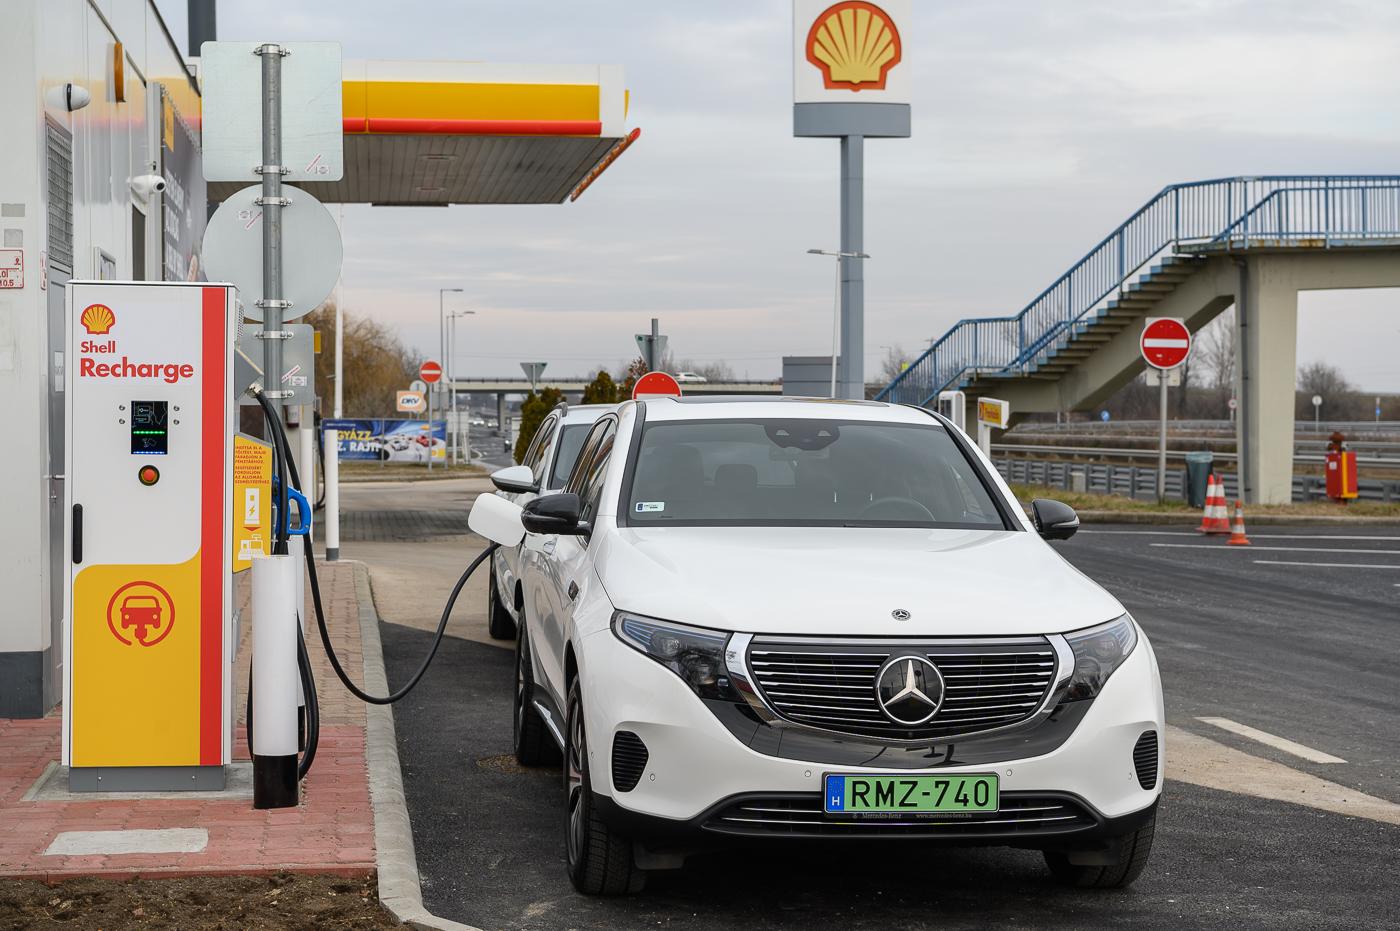 Shell започва изграждане на мрежа за зареждане на електромобили